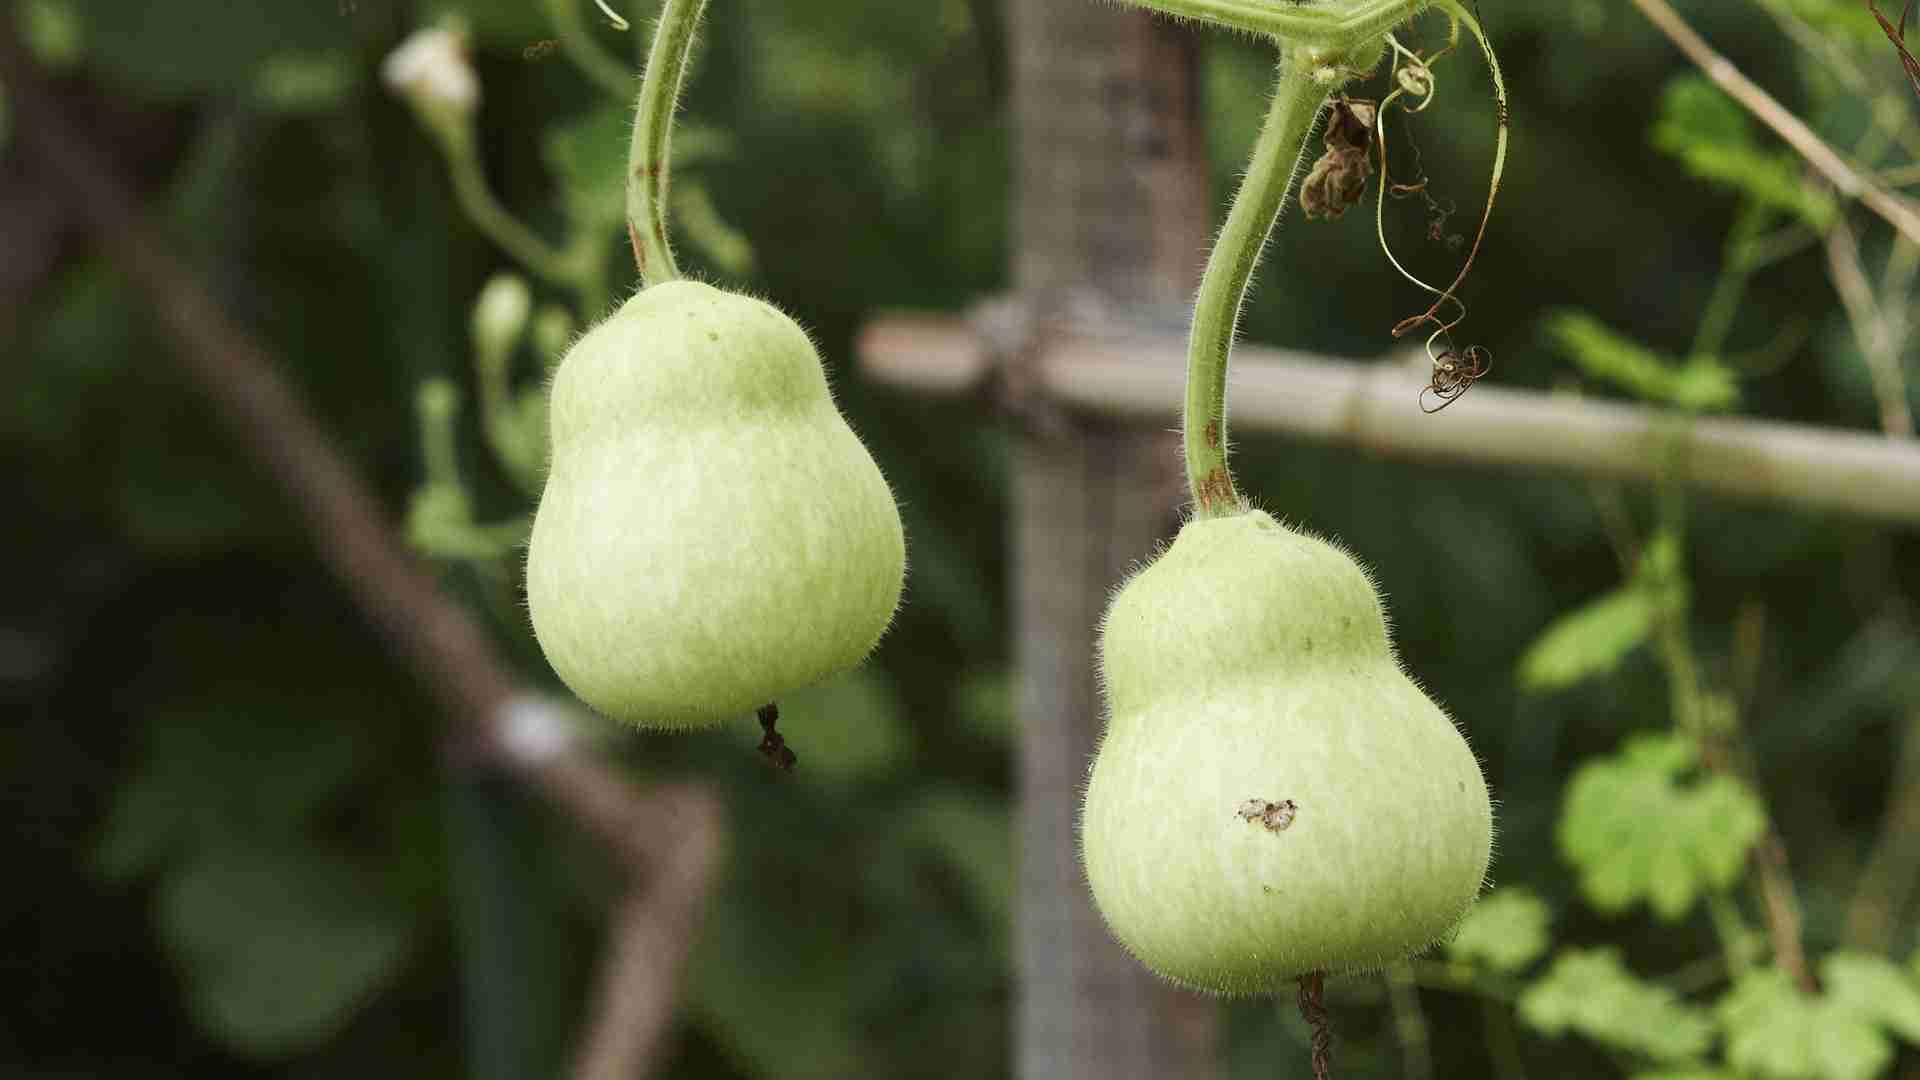 ズッキーニやヘチマなど「ウリ科野菜」中毒の危険性(石田雅彦) - 個人 - Yahoo!ニュース